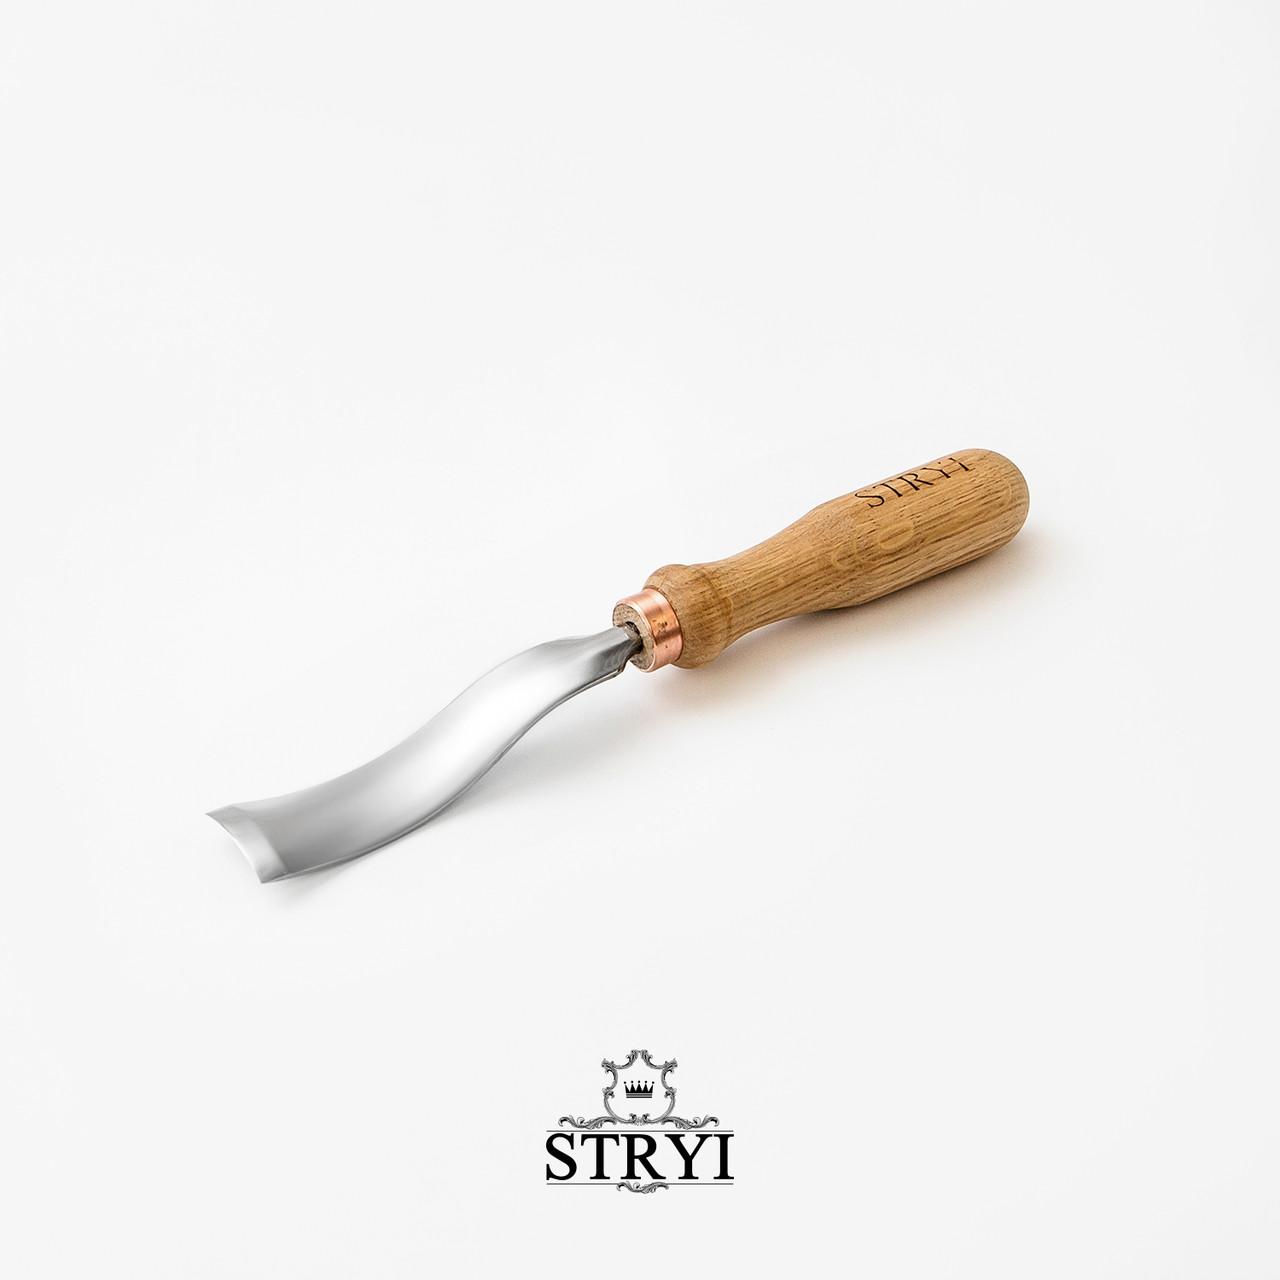 Обратная клюкарза 25мм для резьбы по дереву от производителя STRYI